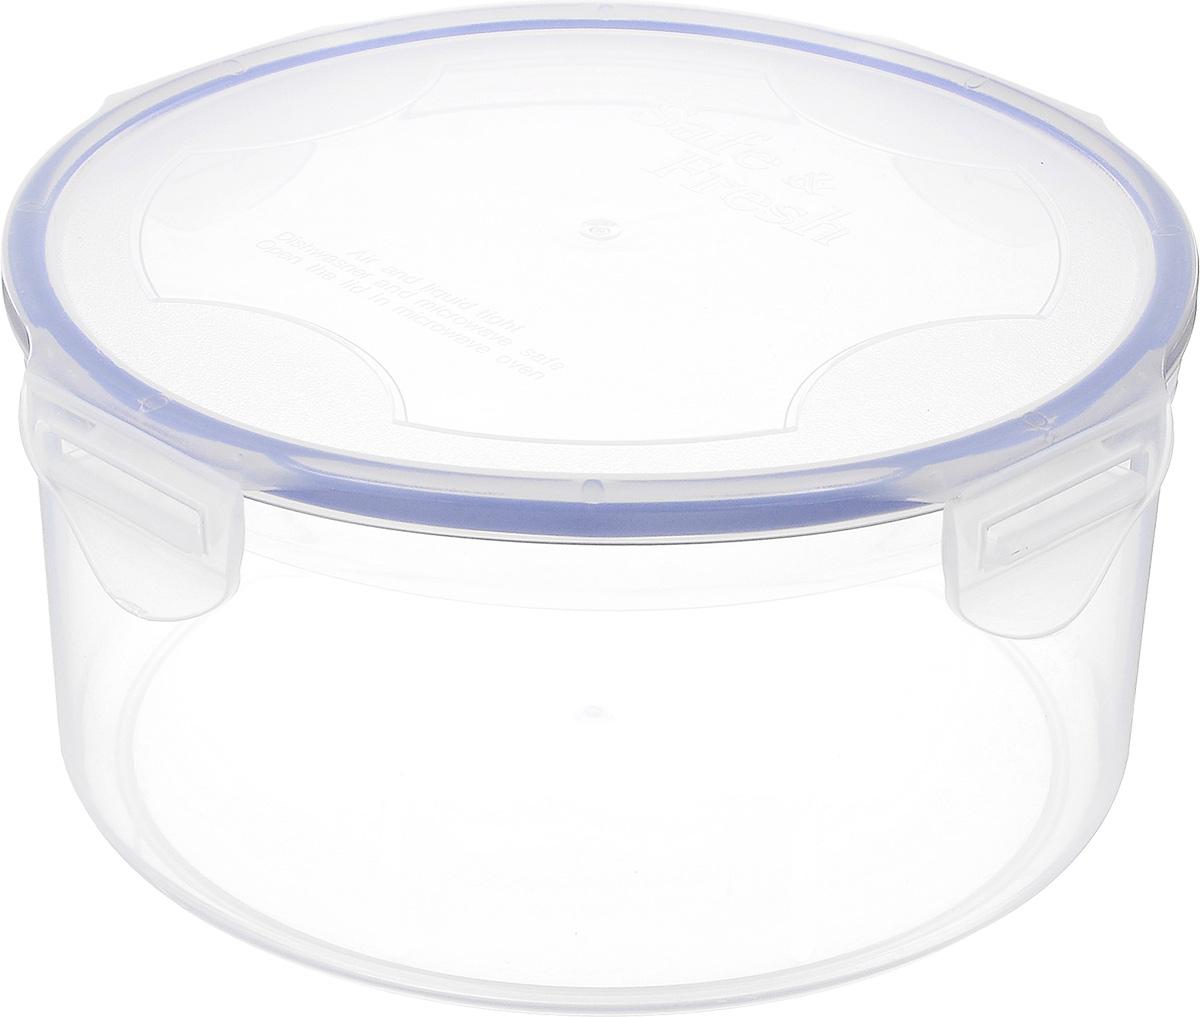 Контейнер пищевой Tek-a-Tek, 500 млSF6-1Пищевой контейнер Tek-a-Tek выполнен из высококачественного пластика. Изделие оснащено четырехсторонними петлями-замками и силиконовой прокладкой на внутренней стороне крышки. Это позволяет воде и воздуху не попадать внутрь, сохраняется герметичность.Изделие абсолютно нетоксично при любом температурном режиме.Можно использовать в посудомоечной машине, а так же в микроволновой печи (без крышки), замораживать до -20°С и размораживать различные продукты без потери вкусовых качеств.